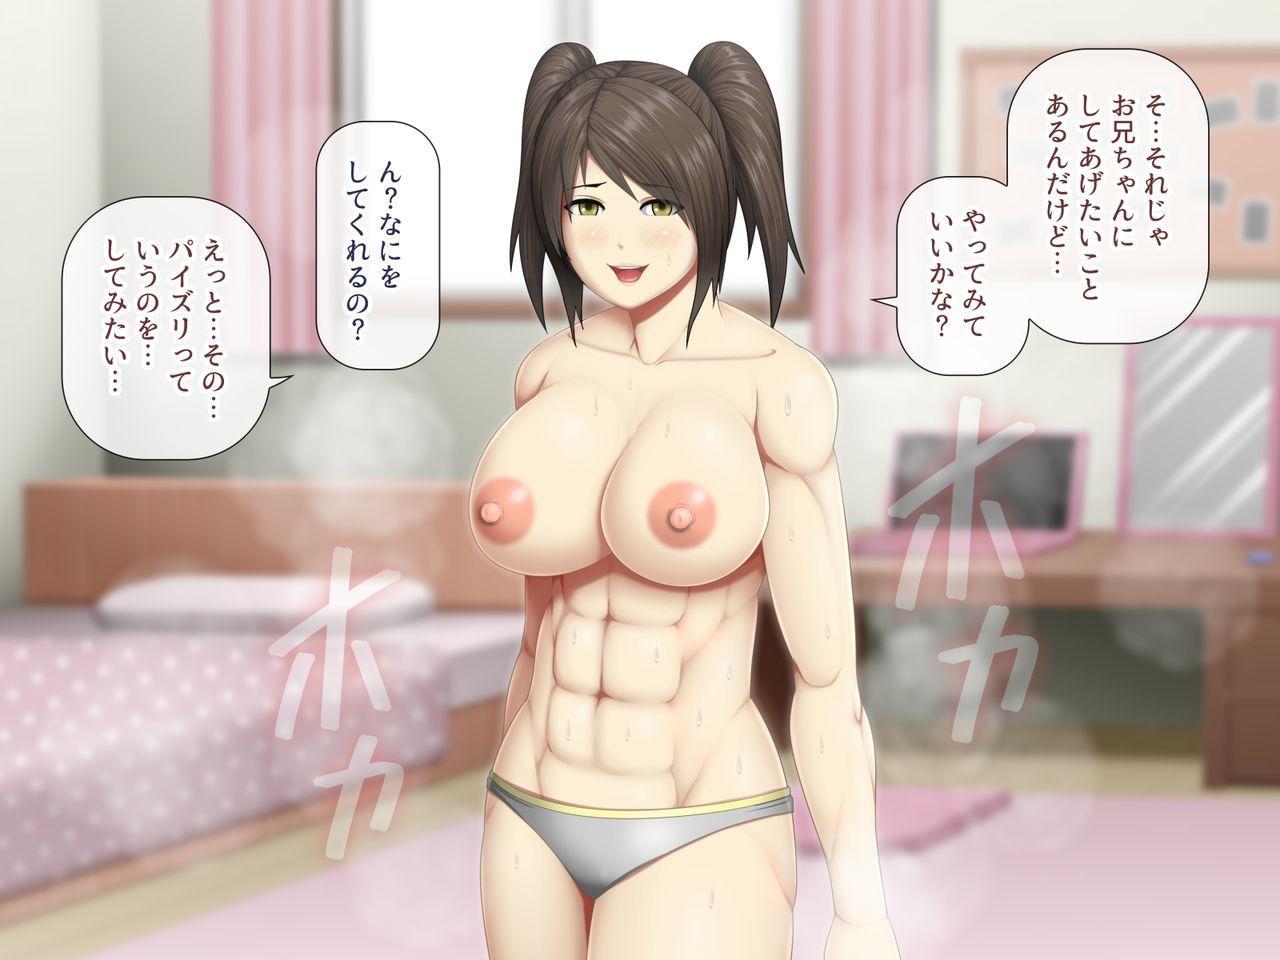 Uchiki na Jyumai ga Ore no Tame ni Karada o Kitaeta Kekka 44